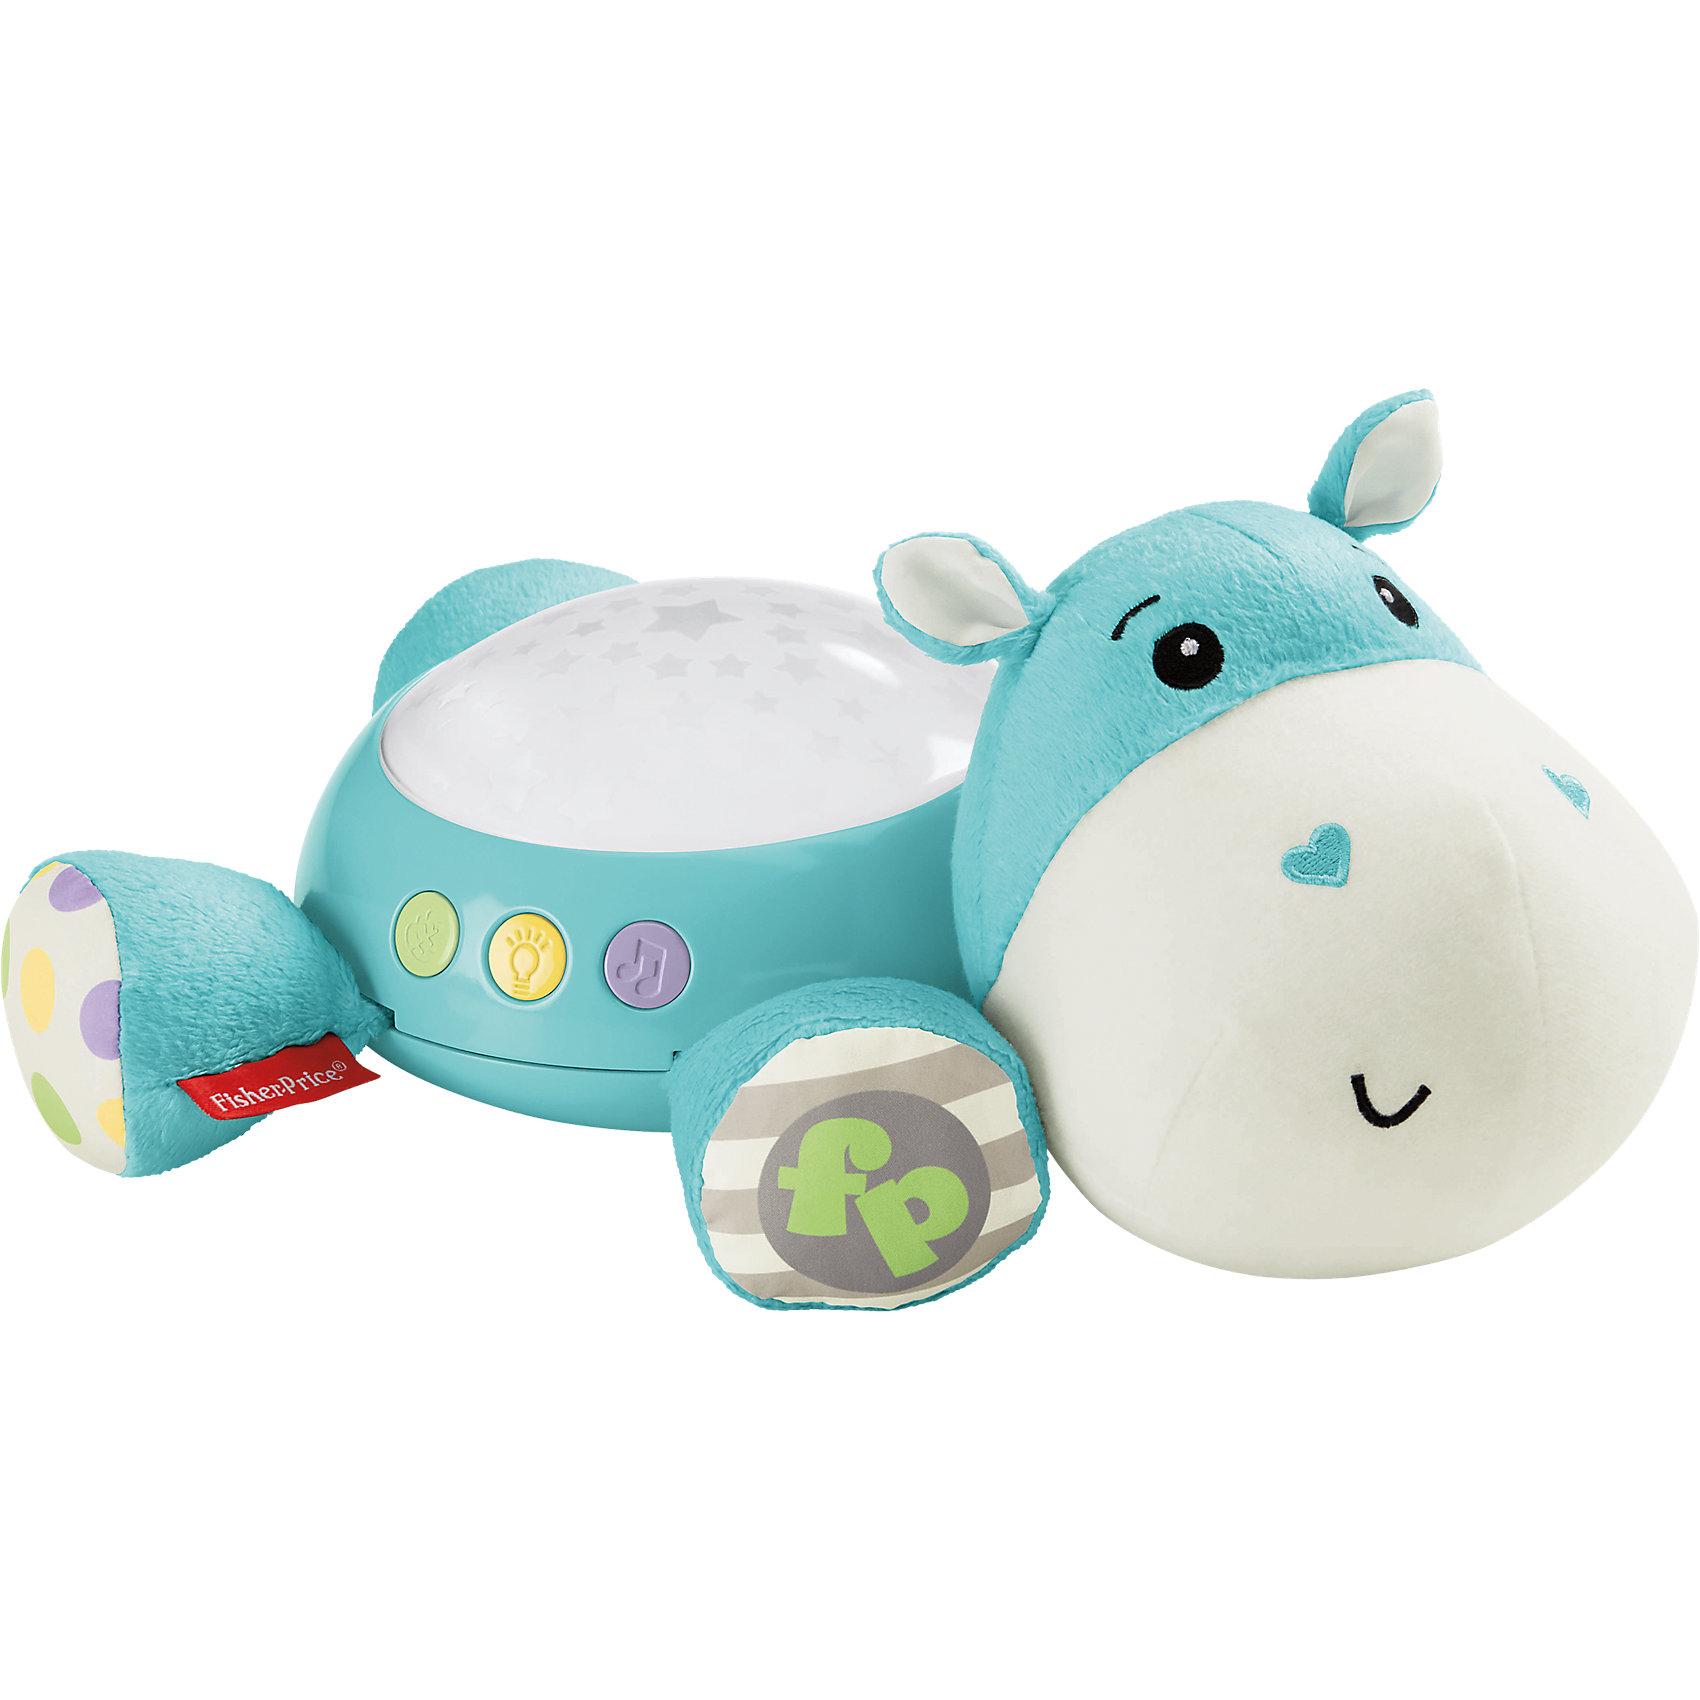 Плюшевая игрушка-проектор Бегемотик, Fisher PriceНочники и проекторы<br>Плюшевая игрушка-проектор Бегемотик, Fisher Price (Фишер Прайс)<br><br>Характеристики:<br><br>• успокоит малыша и подарит ему комфорт перед сном<br>• создаст звездное сияние в комнате малыша<br>• малыш послушает колыбельные, звуки природы и белый шум<br>• длительность музыкального сопровождения: 30 минут<br>• батарейки: АА - 3шт. (не входят в комплект)<br>• размер: 30х22х12 см<br>• размер упаковки: 29х171х7 см<br>• вес: 505 грамм<br><br>Милый плюшевый бегемотик поможет малышу успокоиться и подарит самые сладкие и комфортные сны. Комната наполнится звездным сиянием, сопровождающимся звуками и мелодиями. Кроха сможет слушать звуки природы, колыбельные или белый шум. А во время бодрствования очаровательный голубой бегемотик вызовет радостную улыбку на лице малыша. С этим бегемотик совсем не страшно засыпать!<br><br>Плюшевую игрушку-проектор Бегемотик, Fisher Price (Фишер Прайс) вы можете купить в нашем интернет-магазине.<br><br>Ширина мм: 301<br>Глубина мм: 185<br>Высота мм: 172<br>Вес г: 528<br>Возраст от месяцев: 0<br>Возраст до месяцев: 12<br>Пол: Унисекс<br>Возраст: Детский<br>SKU: 4758266